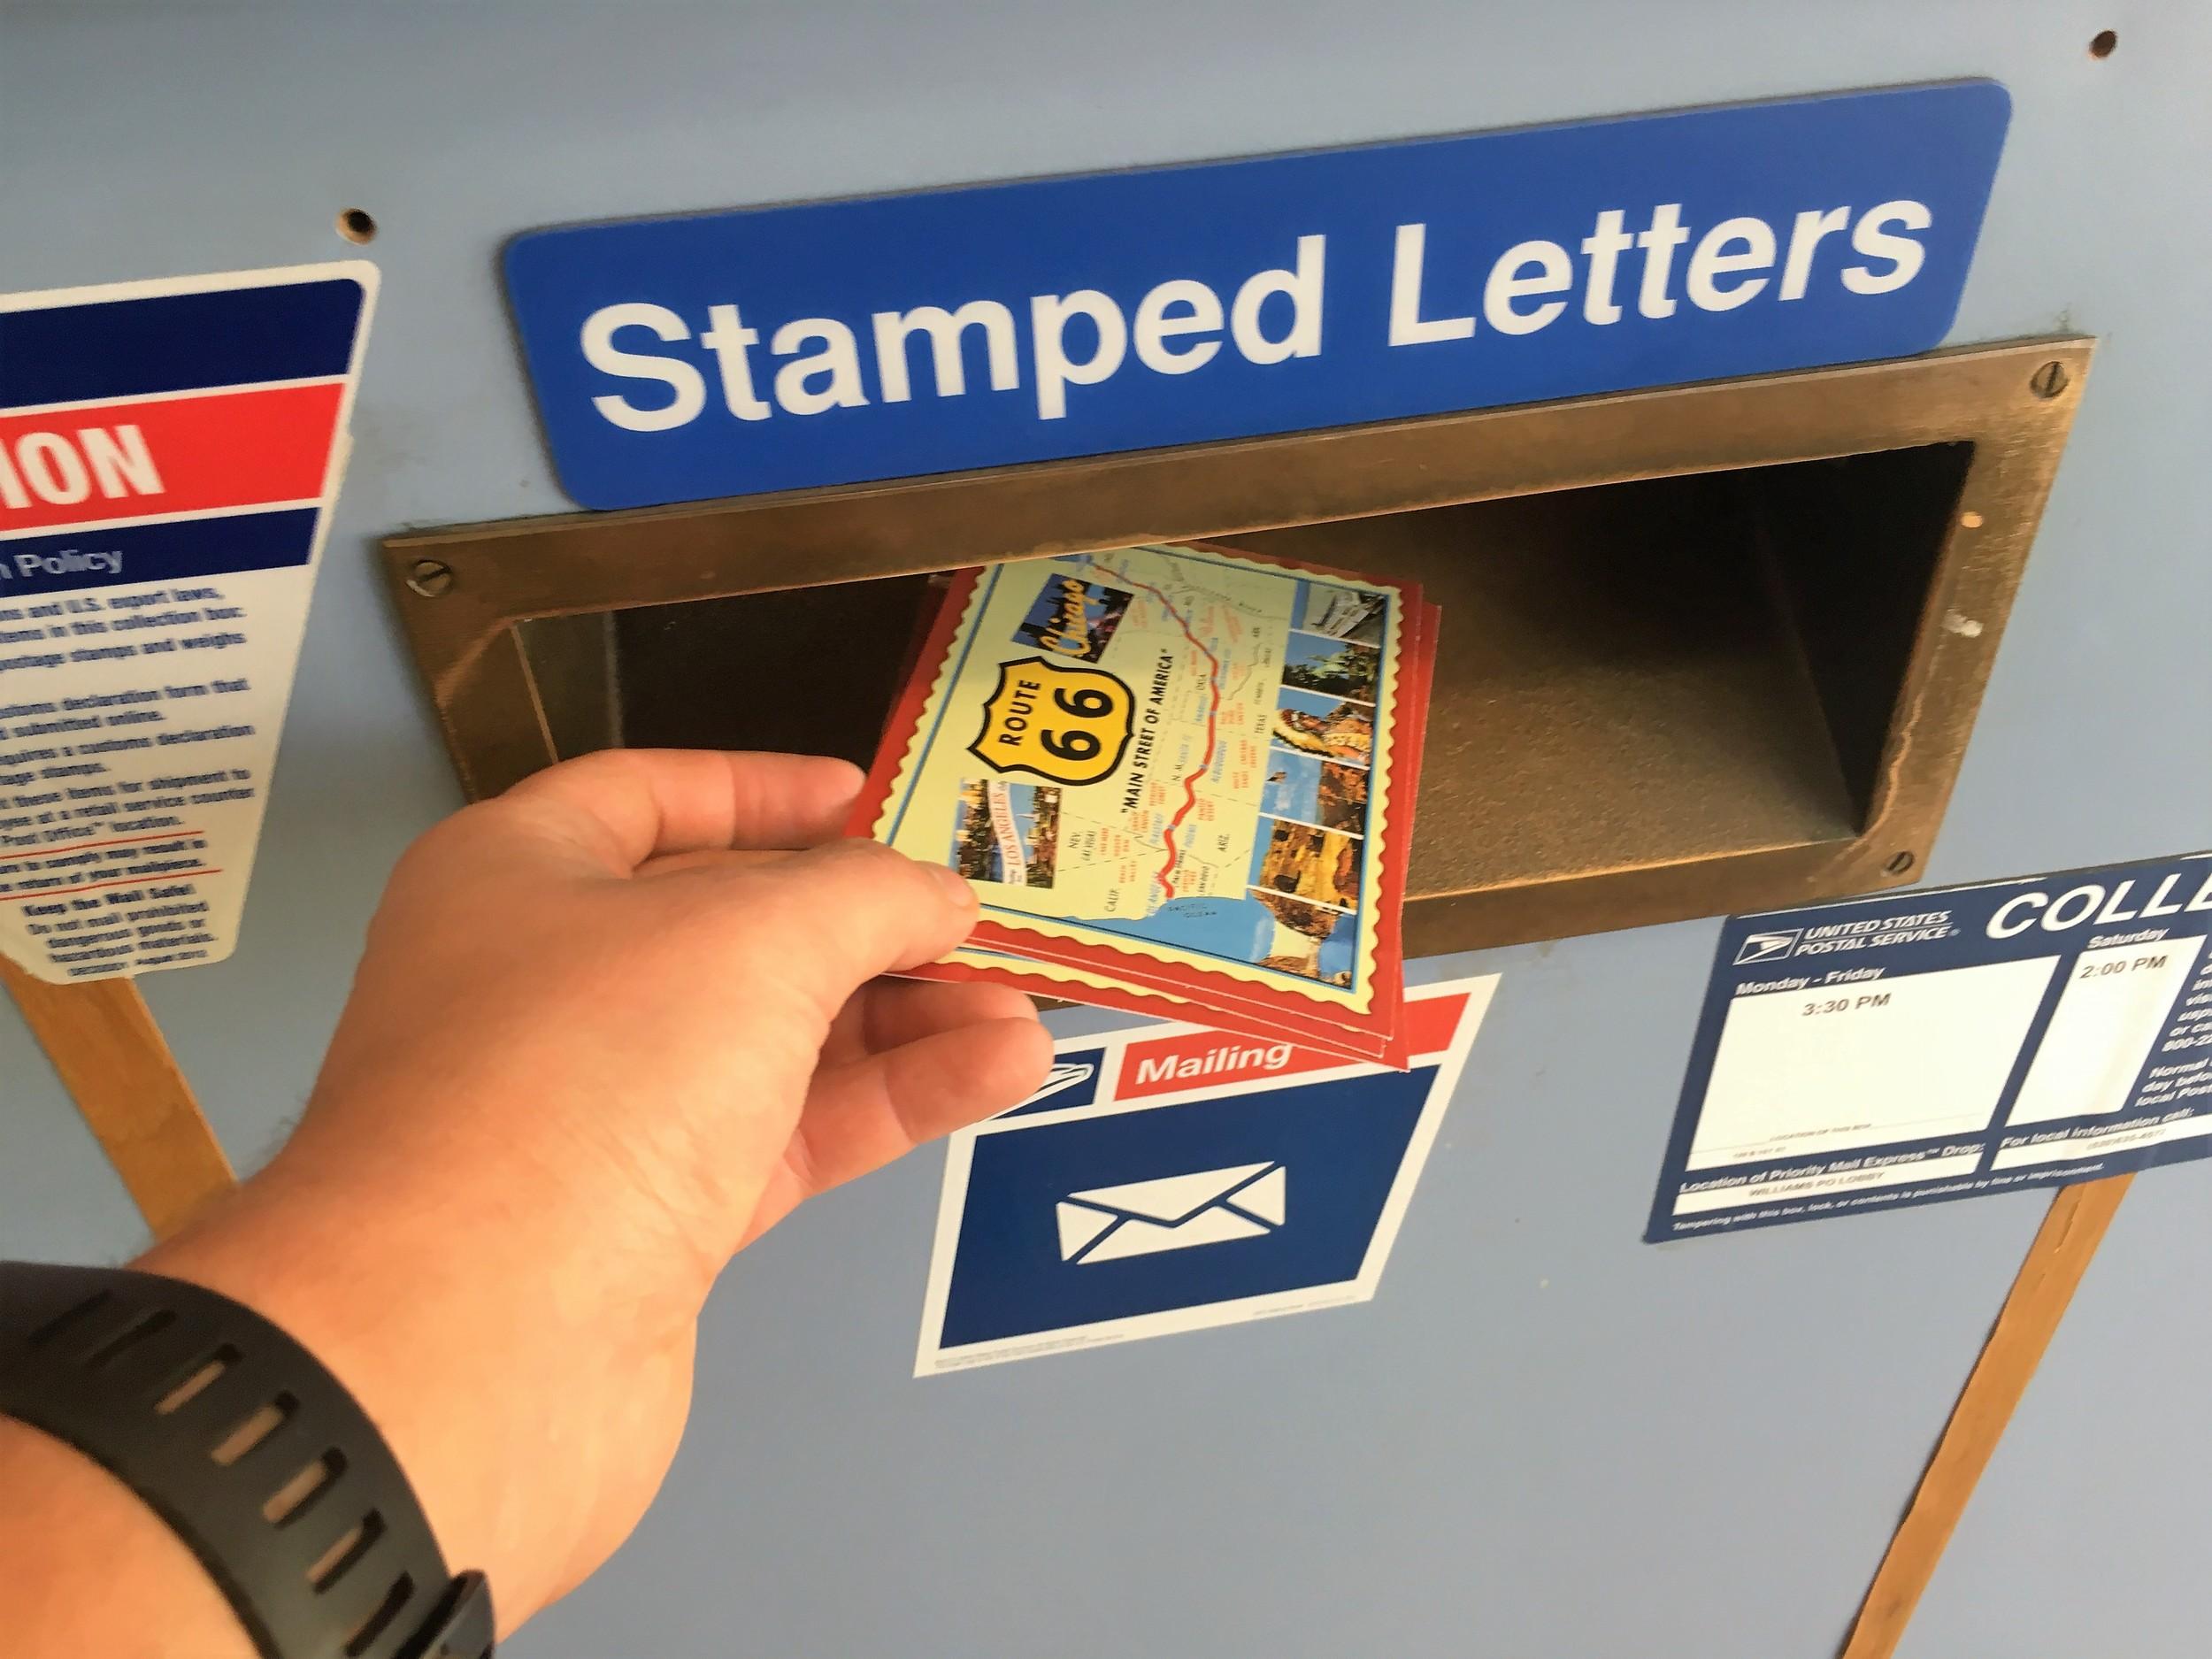 Digitalisaation aikana on todella kiva saada aitoja, käsinkosketeltavia postikortteja, eikös niin? Postit laitettiin menemään aamulla 16.05.2016 - katsotaan milloin tulevat perille :)